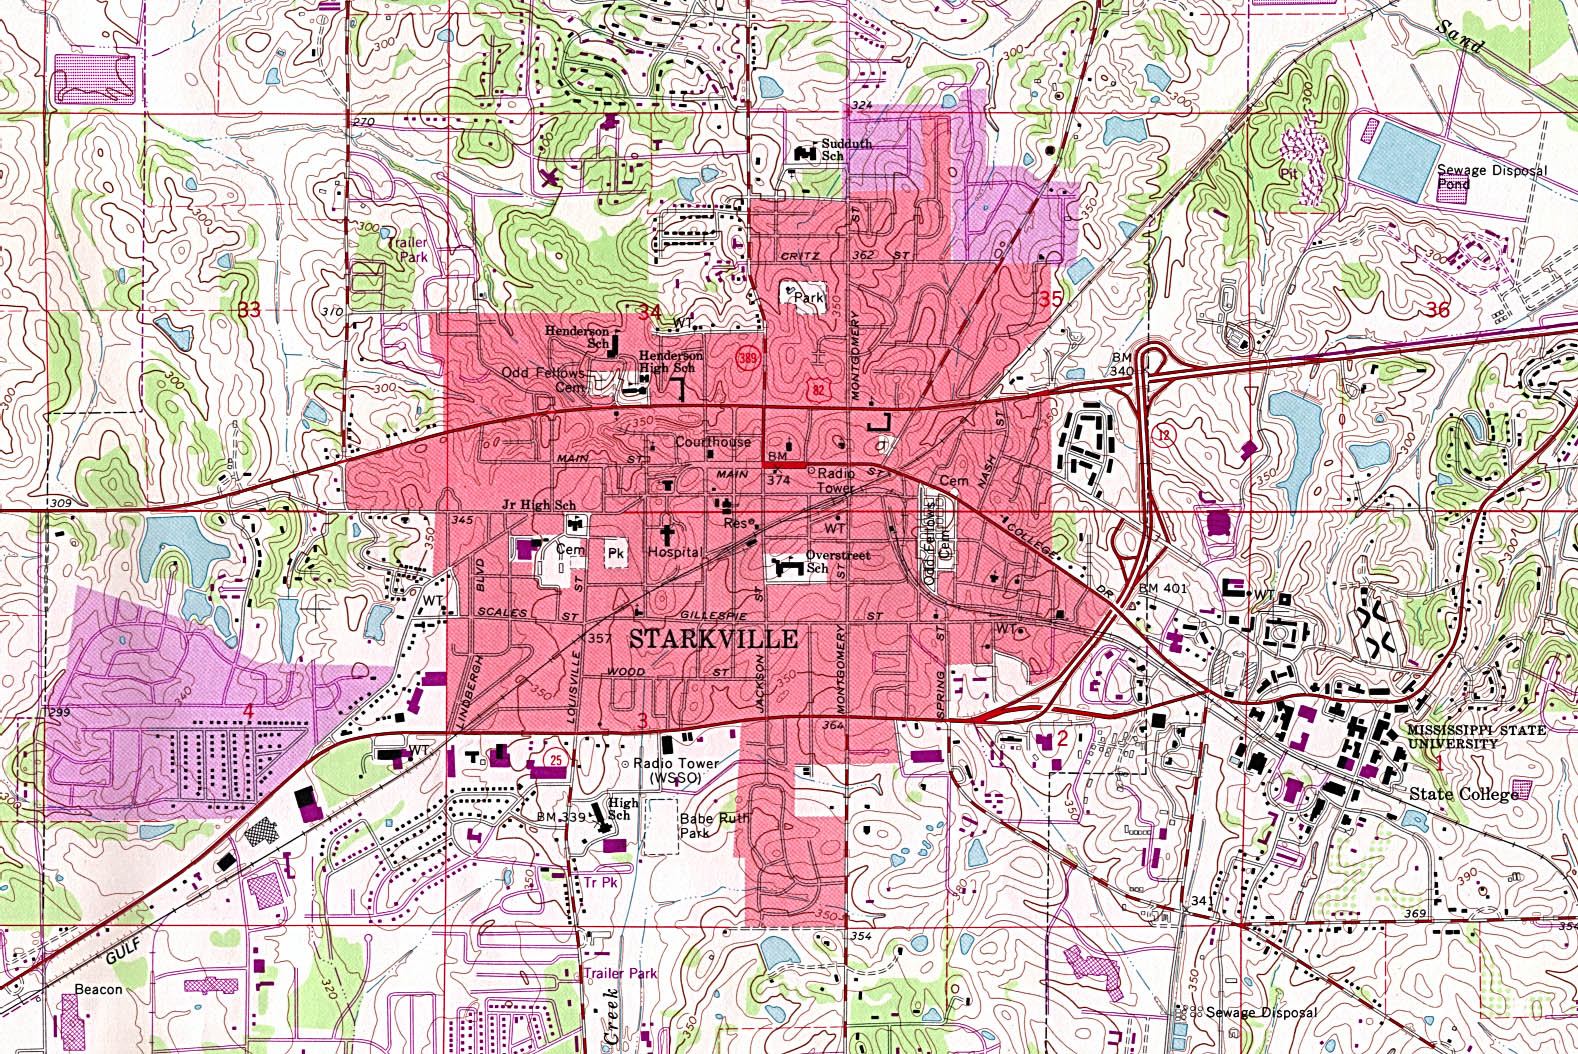 Gulfport Ms City Limits Map